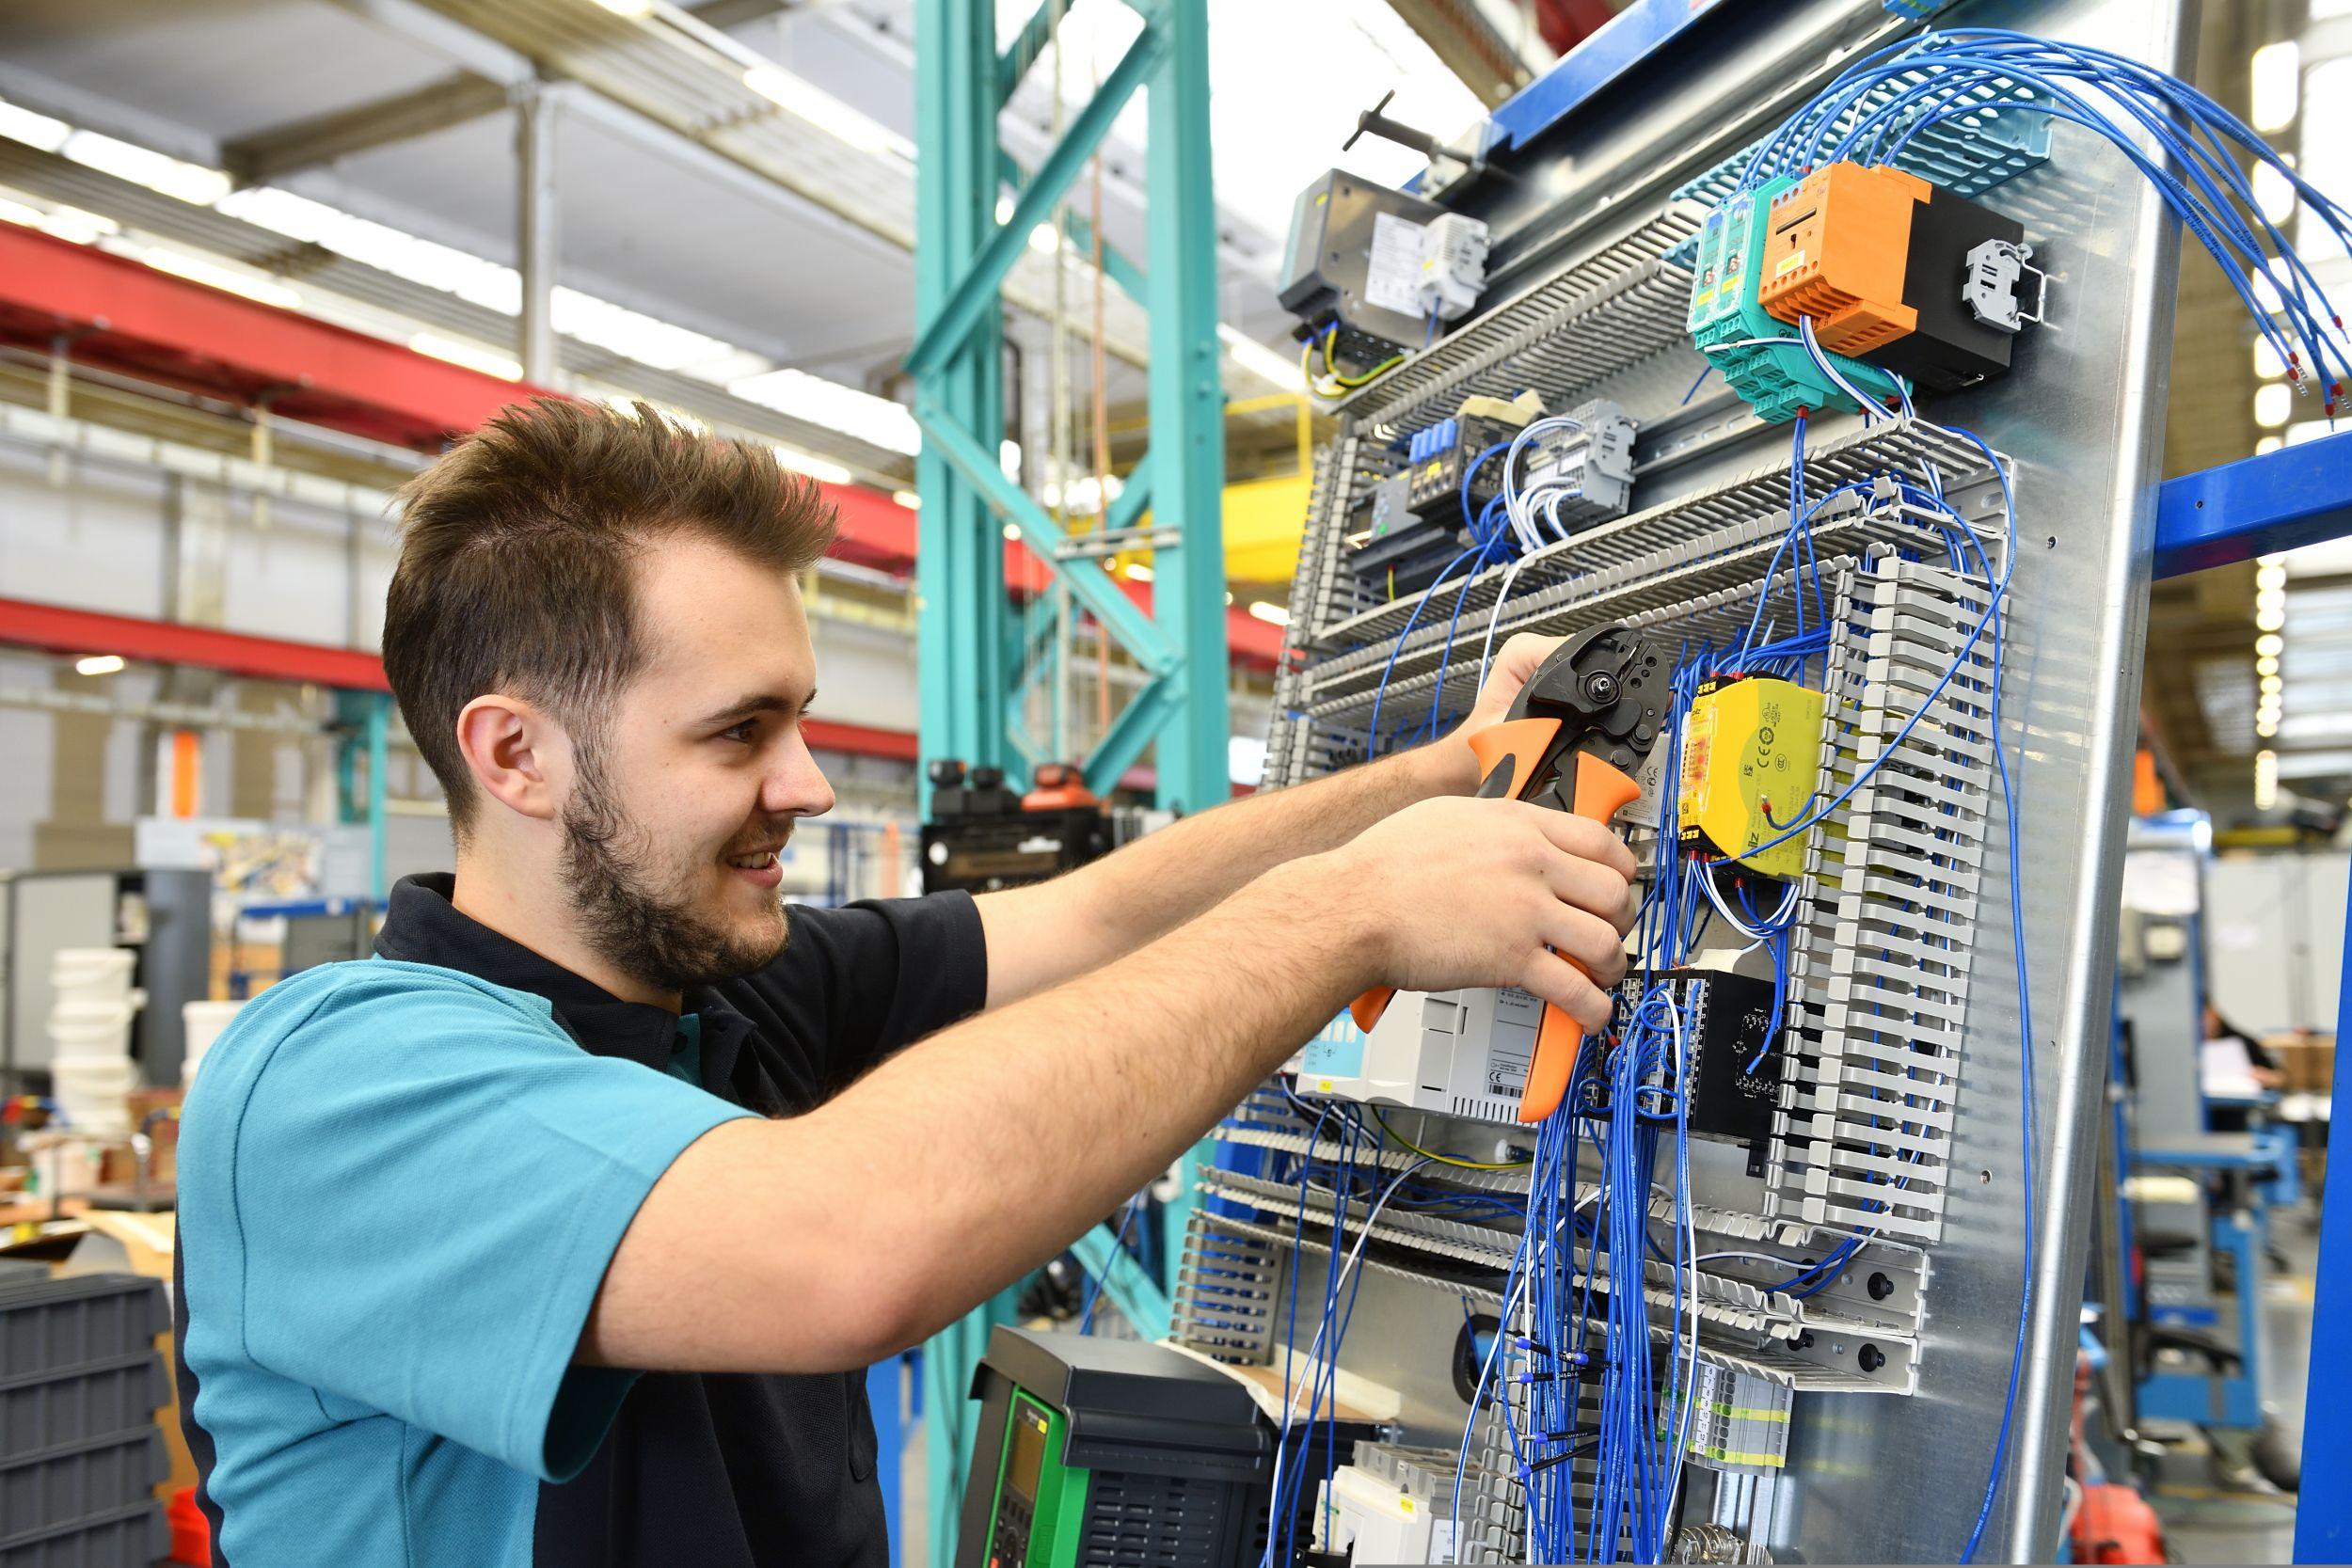 Die Bühler Group ist ein Schweizer Maschinenbauer, der sich auf Lösungen für die Lebensmittelindustrie spezialisiert hat. (Bild: Weidmüller GmbH & Co. KG)